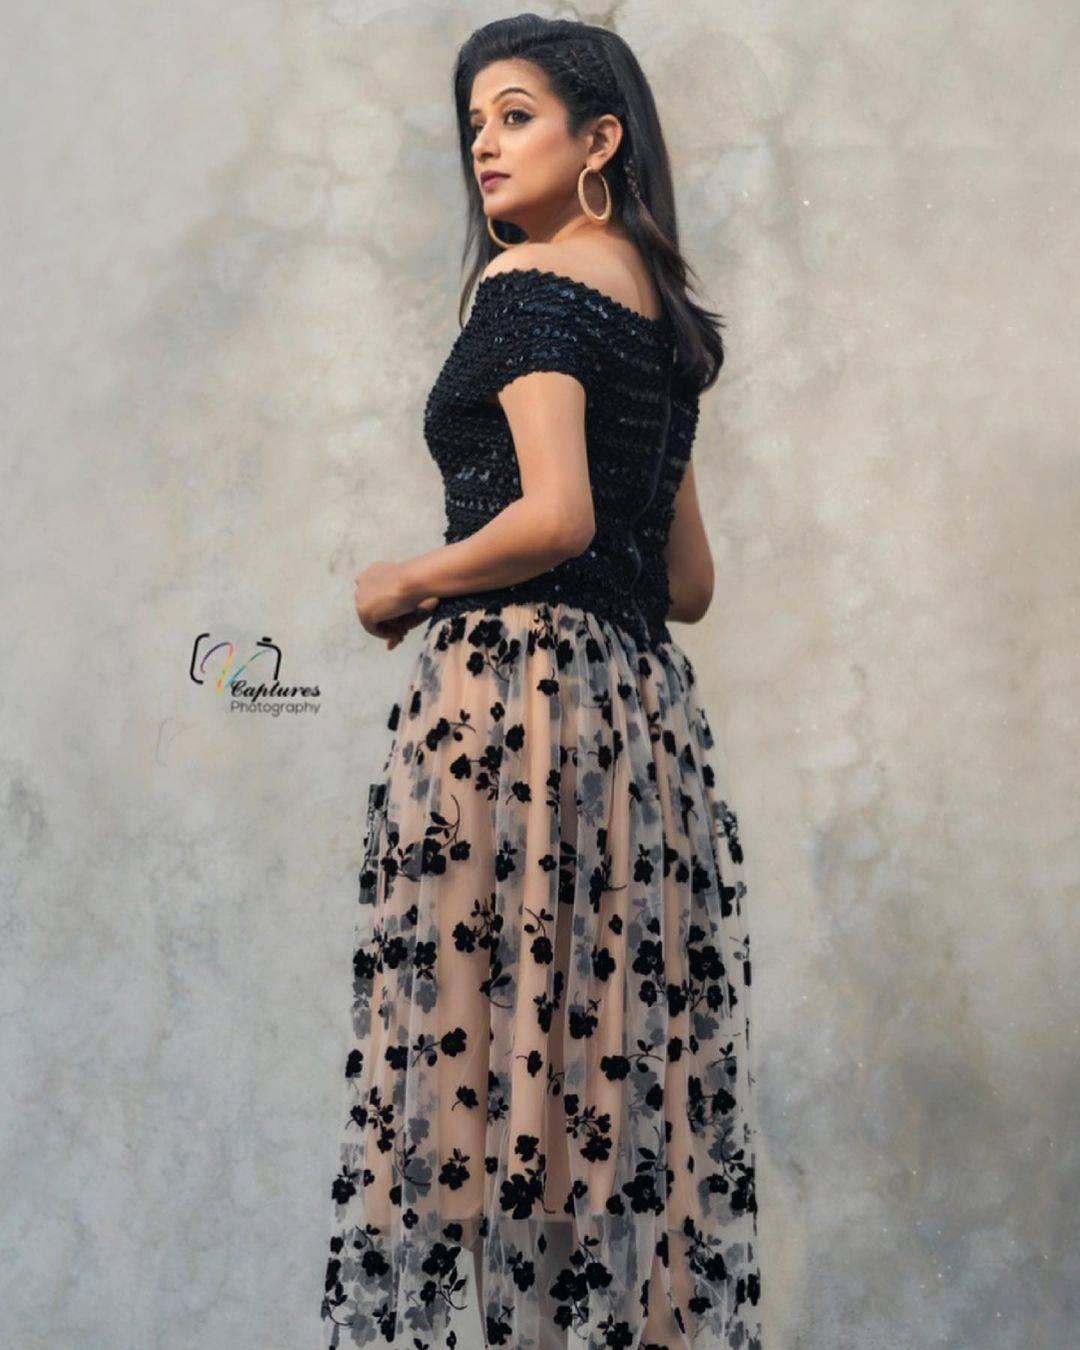 ब्लैक ड्रेस में बिल्कुल गुड़िया लग रही है प्रिया मणि, हॉटनेस देख पिघल जाएंगे आप